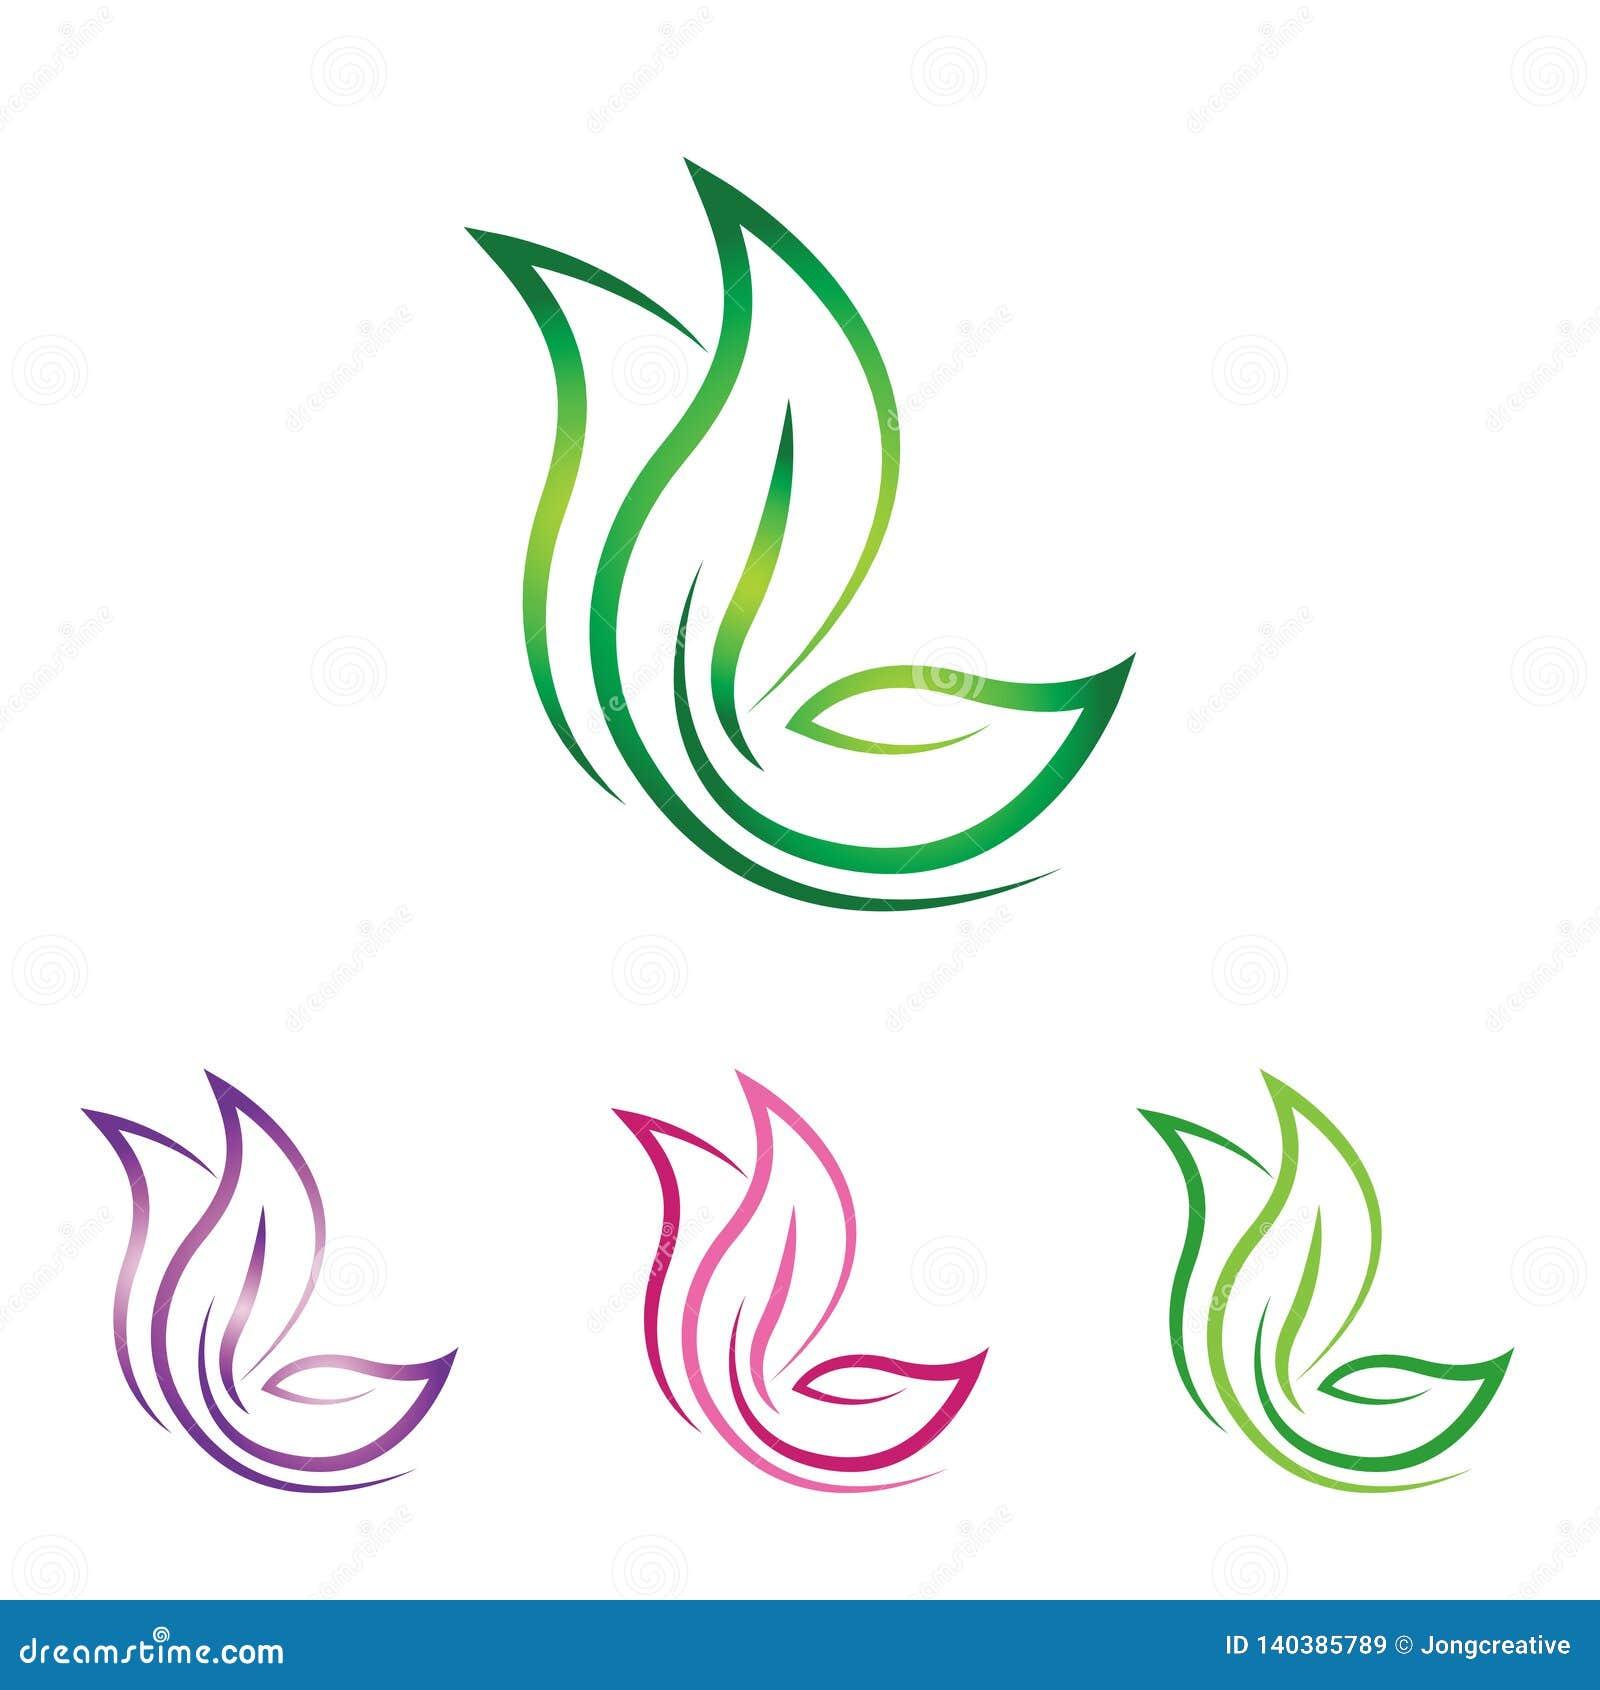 Логотип природы лист бабочки - абстрактная линия искусство